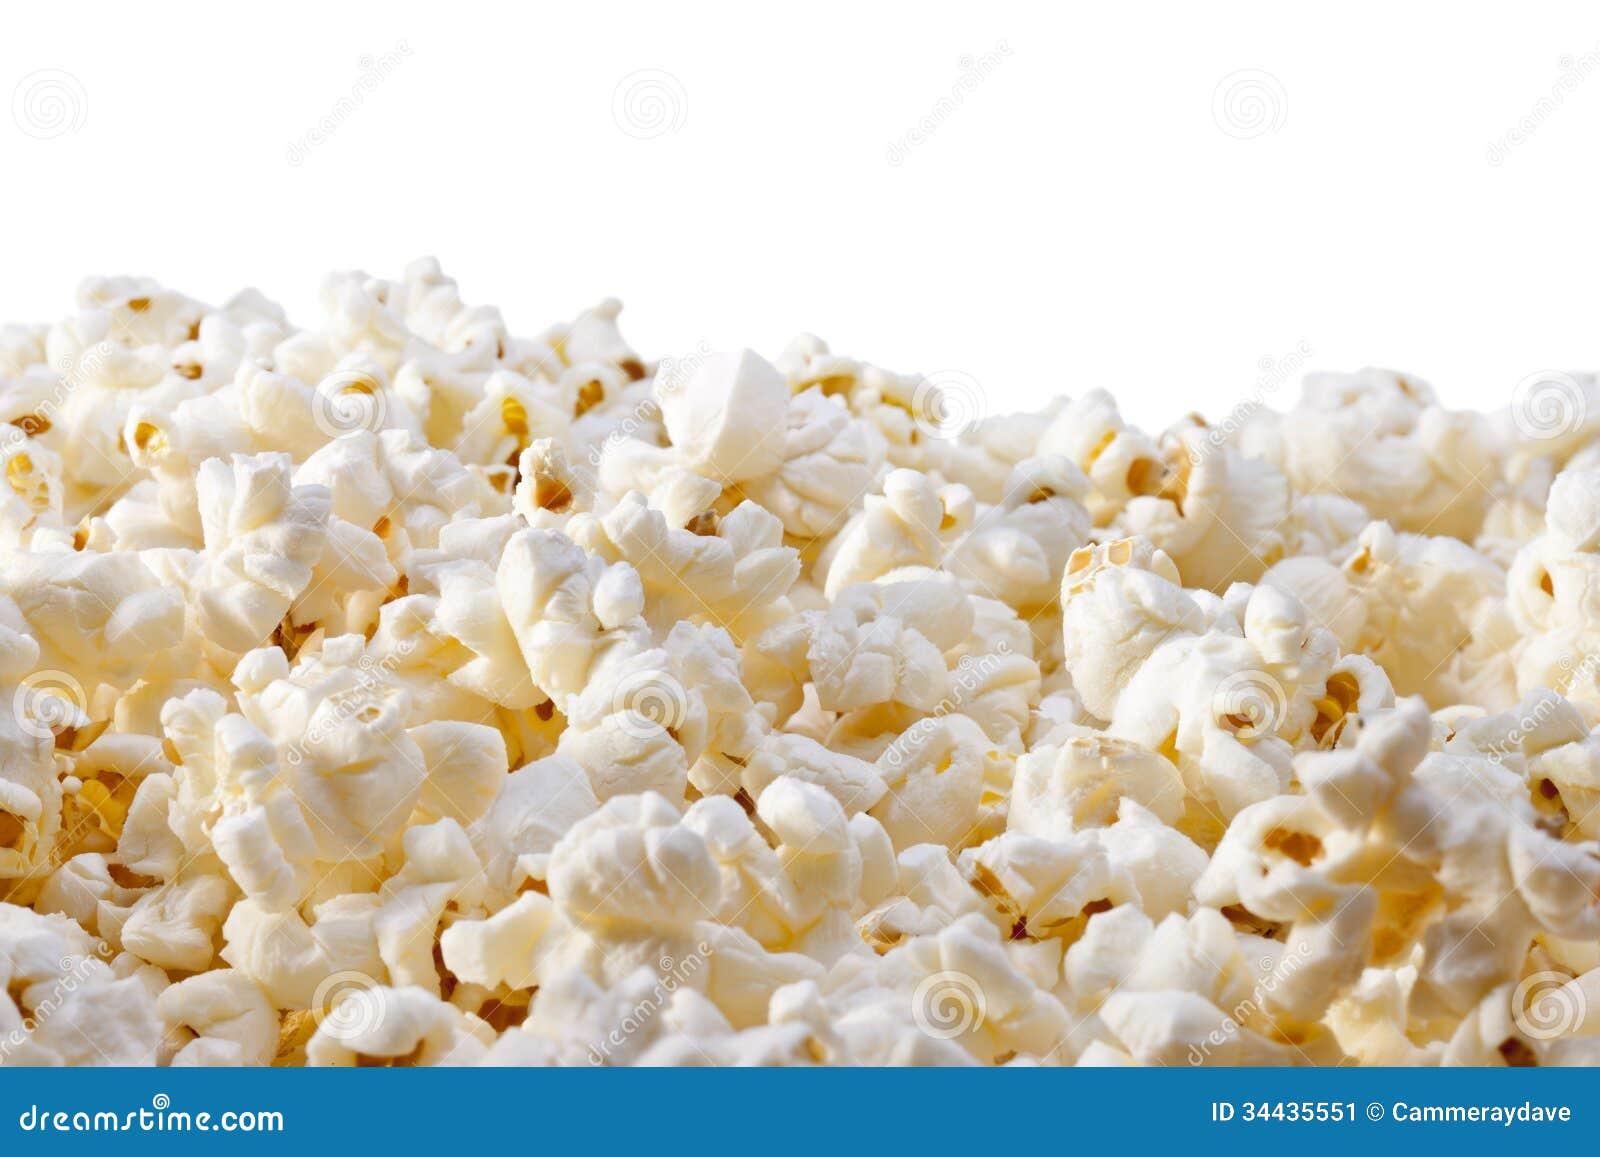 Popcorn Background Stock Image - Image: 34435551